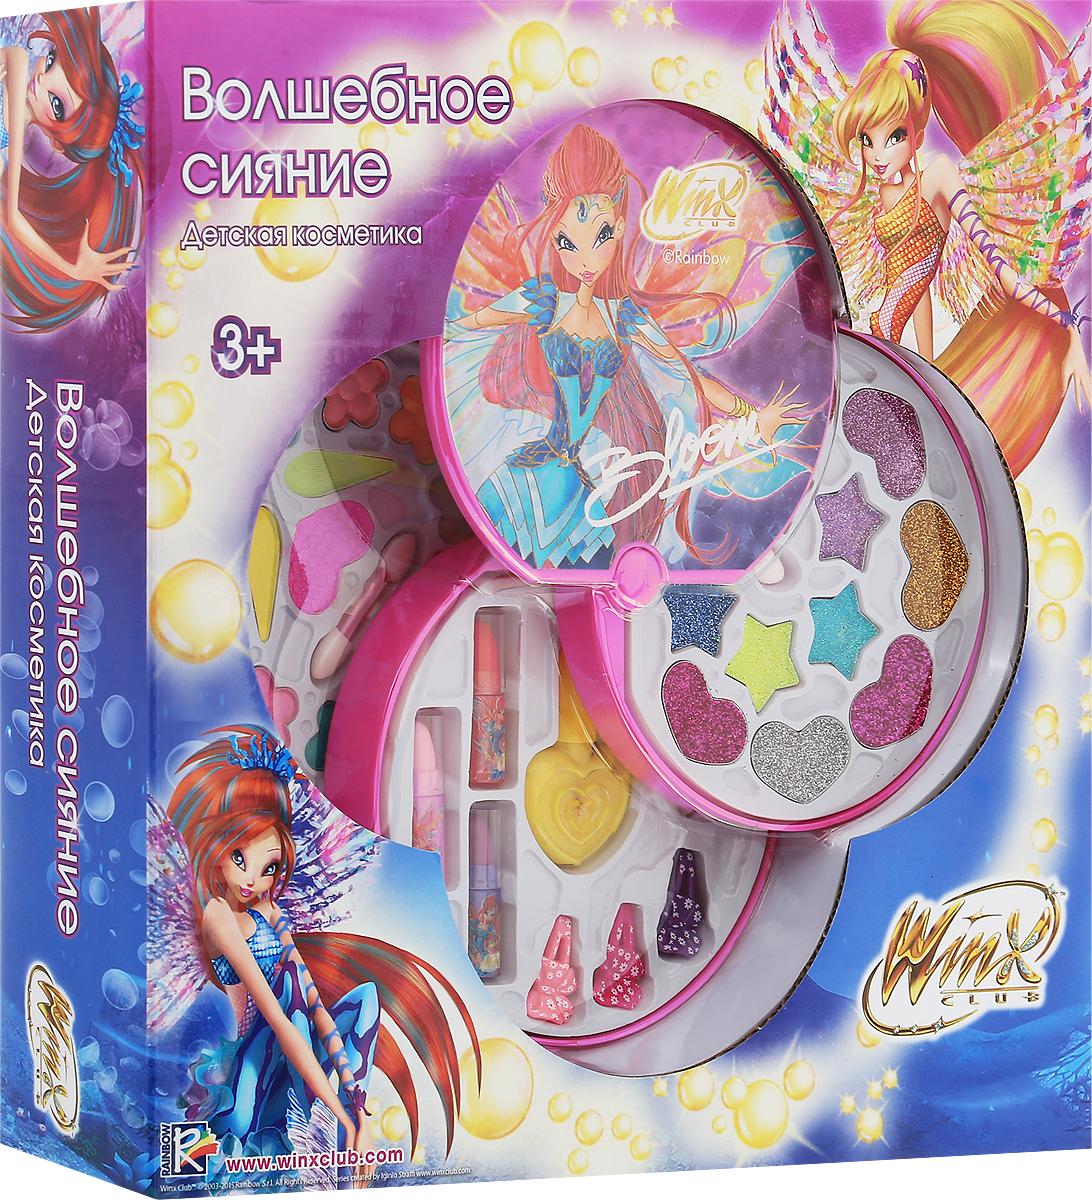 Купить набор детской декоративной косметики winx биодерма косметика купить челябинск